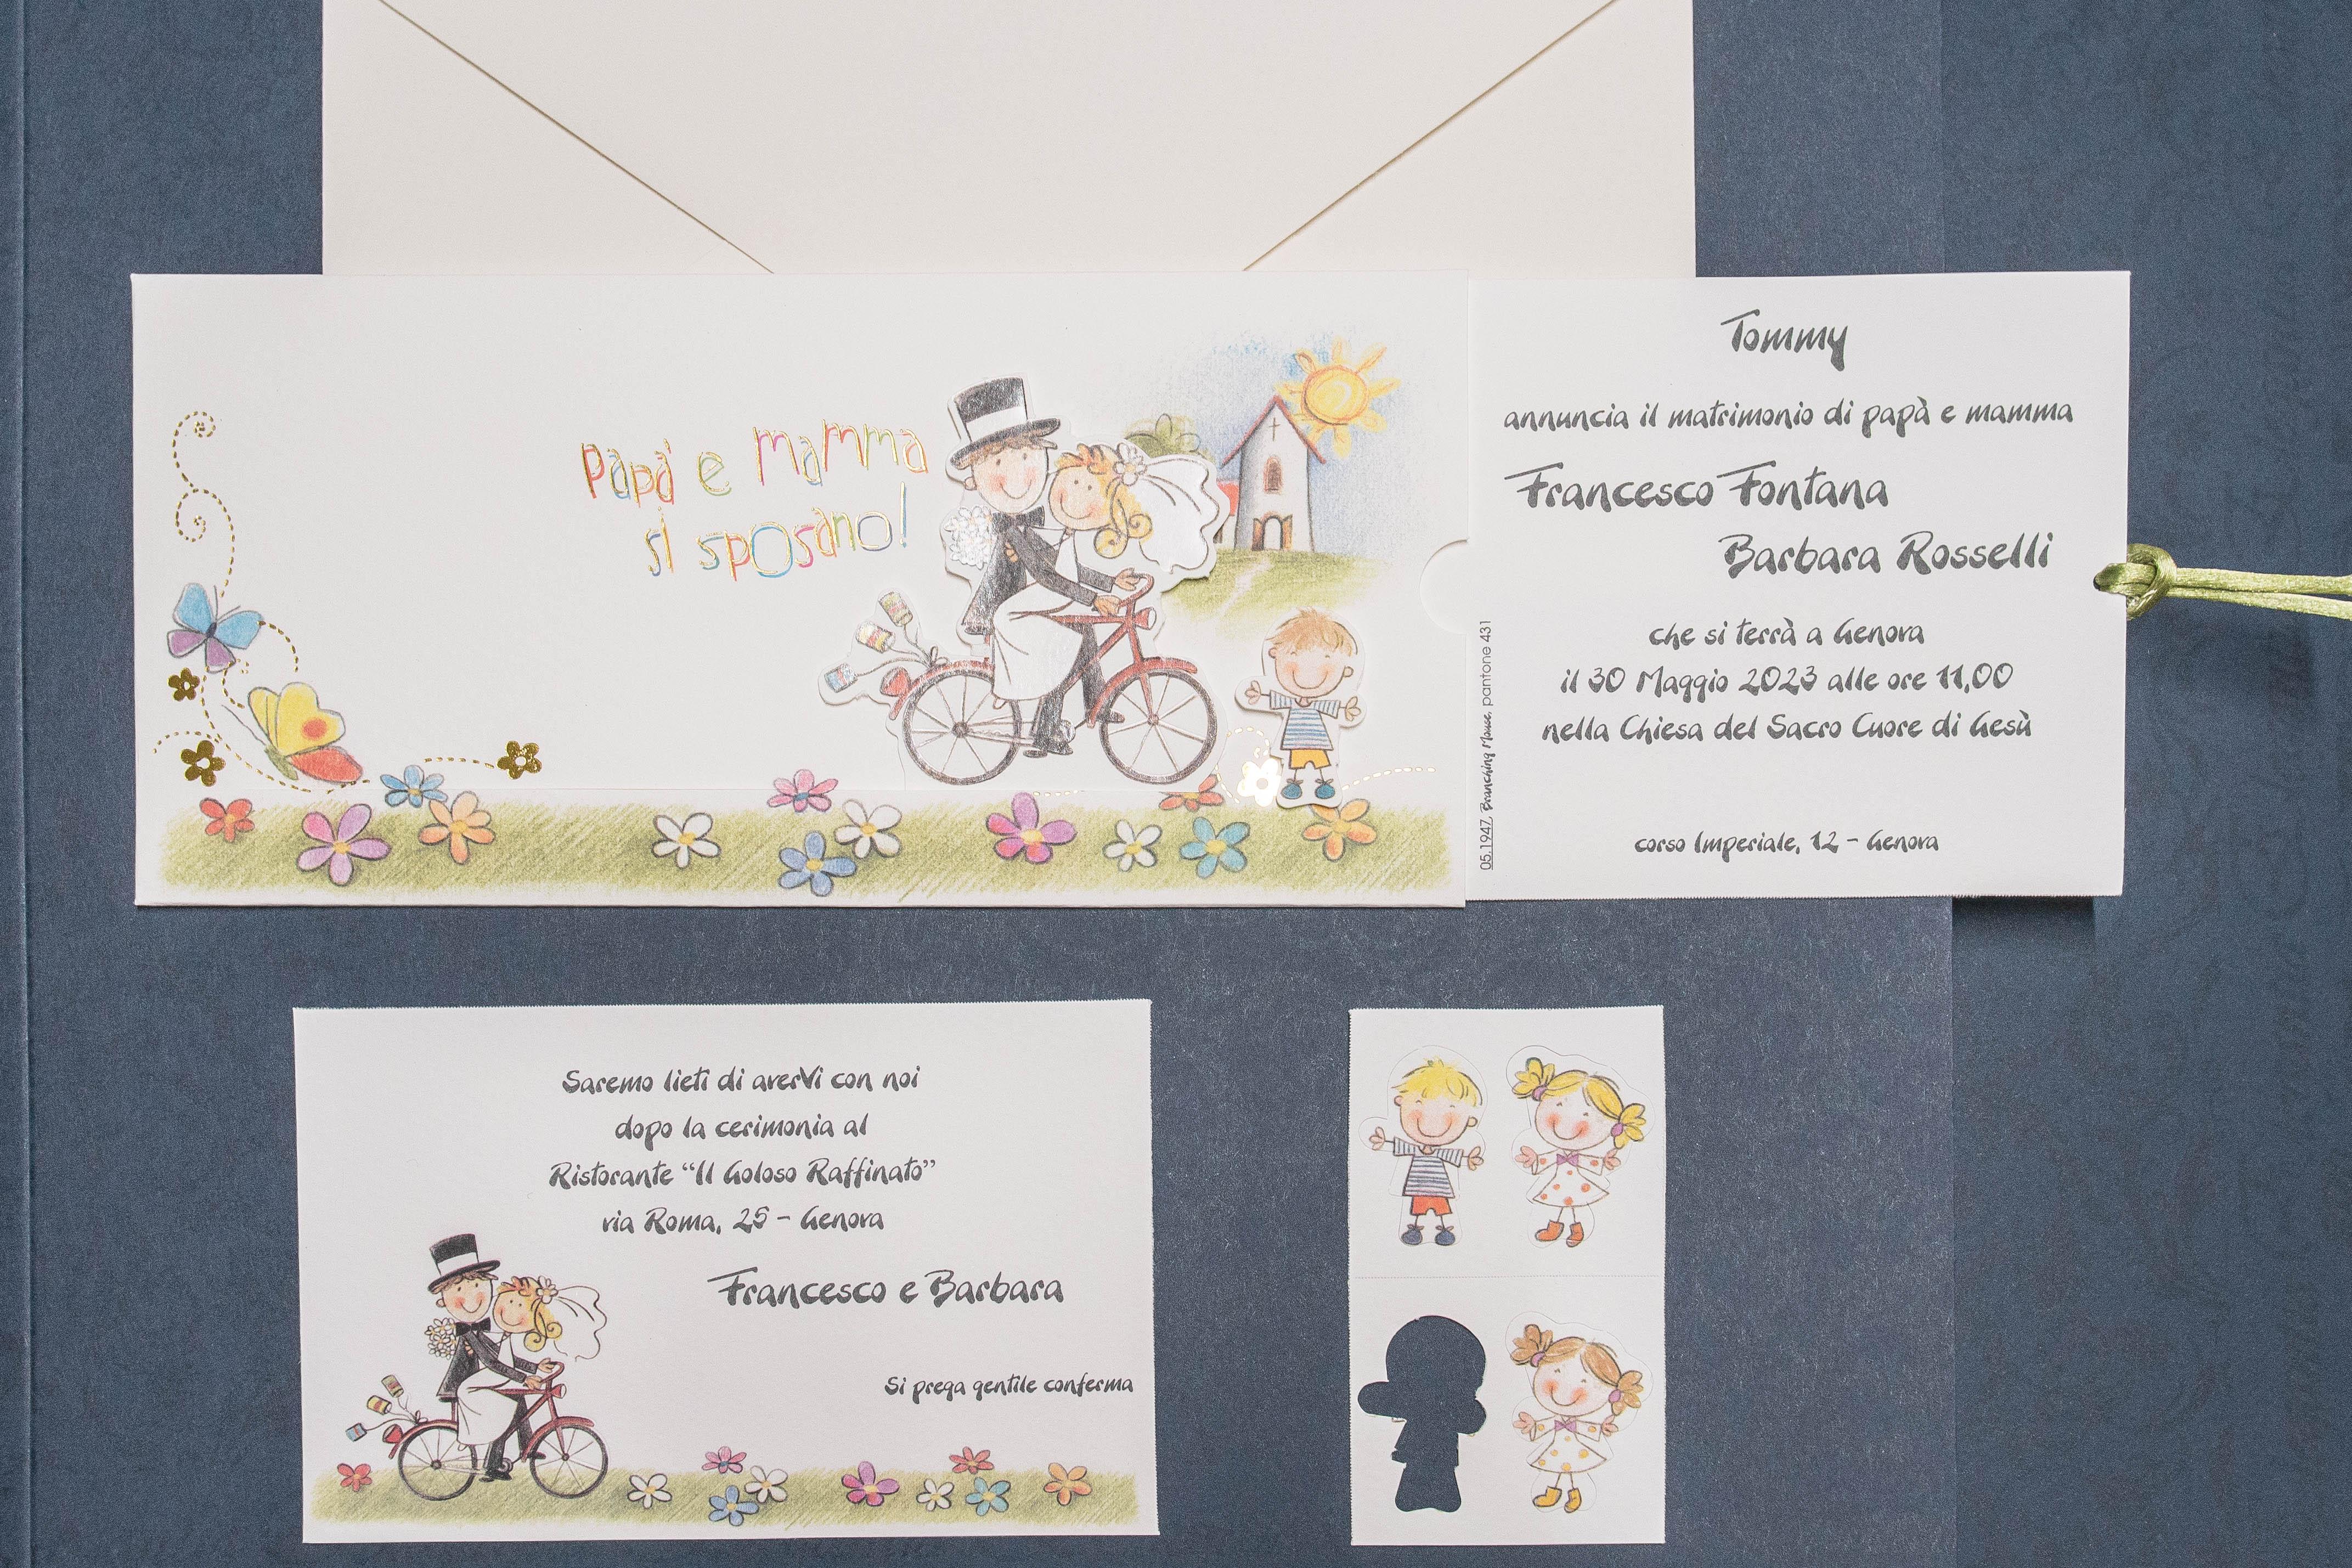 Partecipazioni Matrimonio Bicicletta.Partecipazione Di Matrimonio Simpatica Due Sposi Su Bicicletta